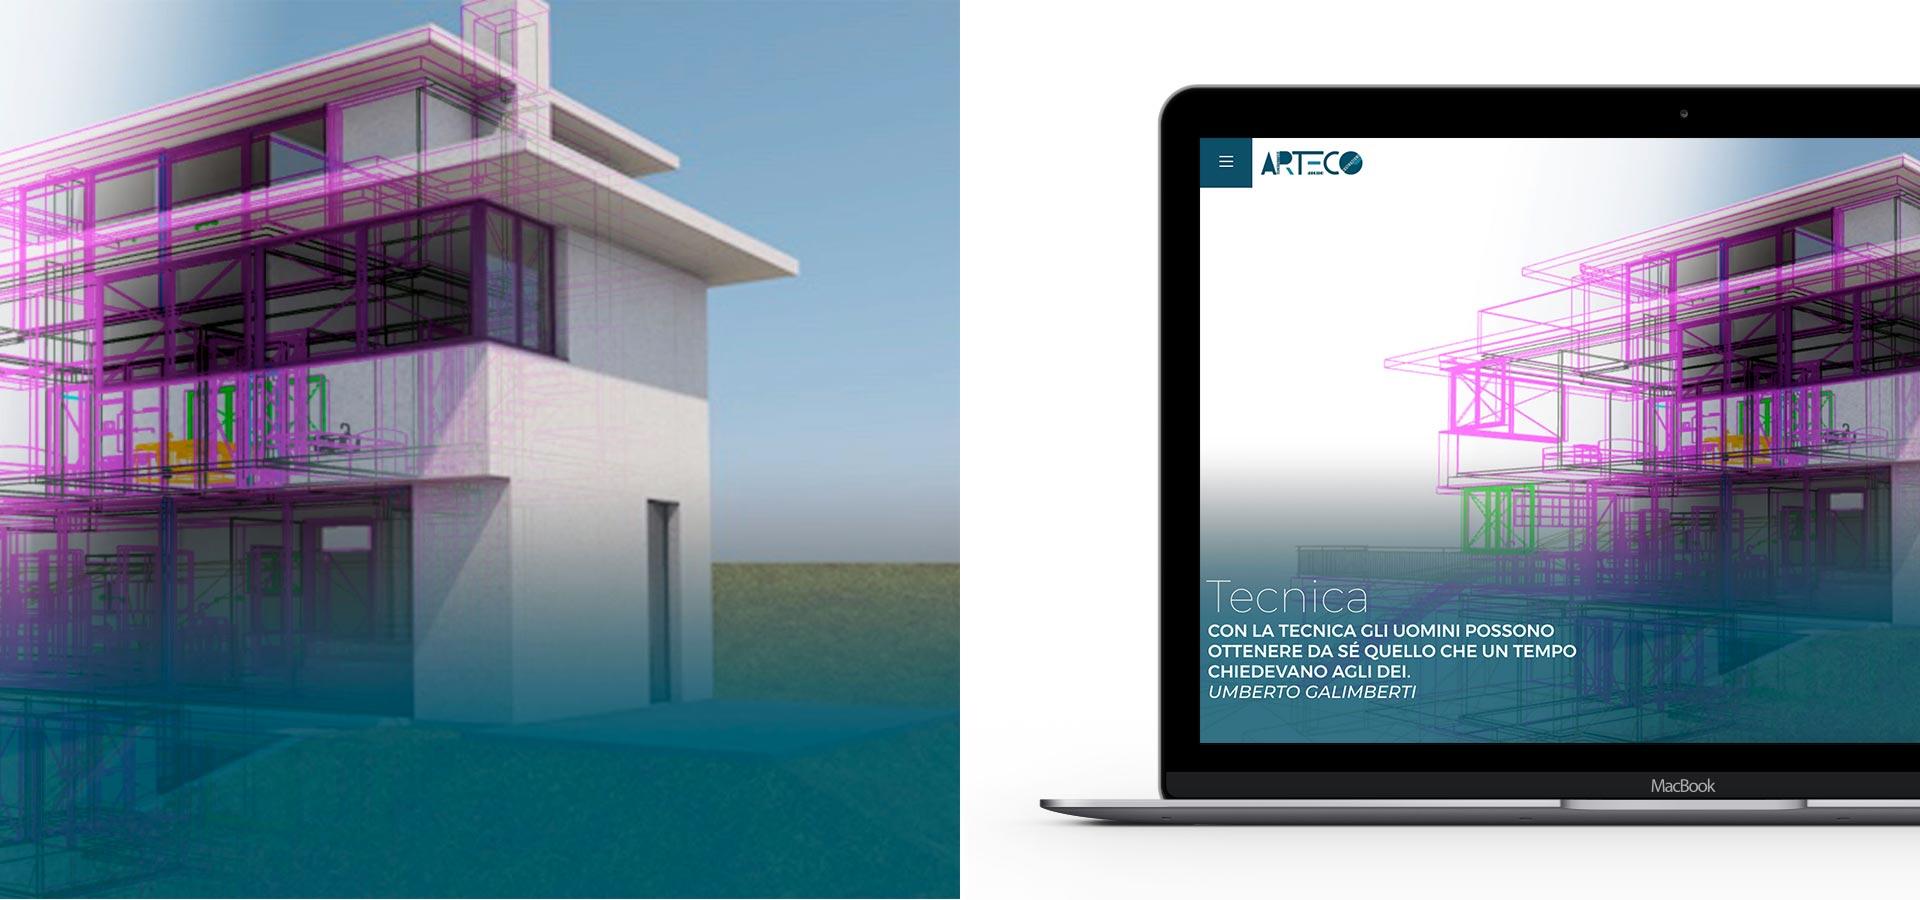 GSite Arteco web site Arteco Tecnica